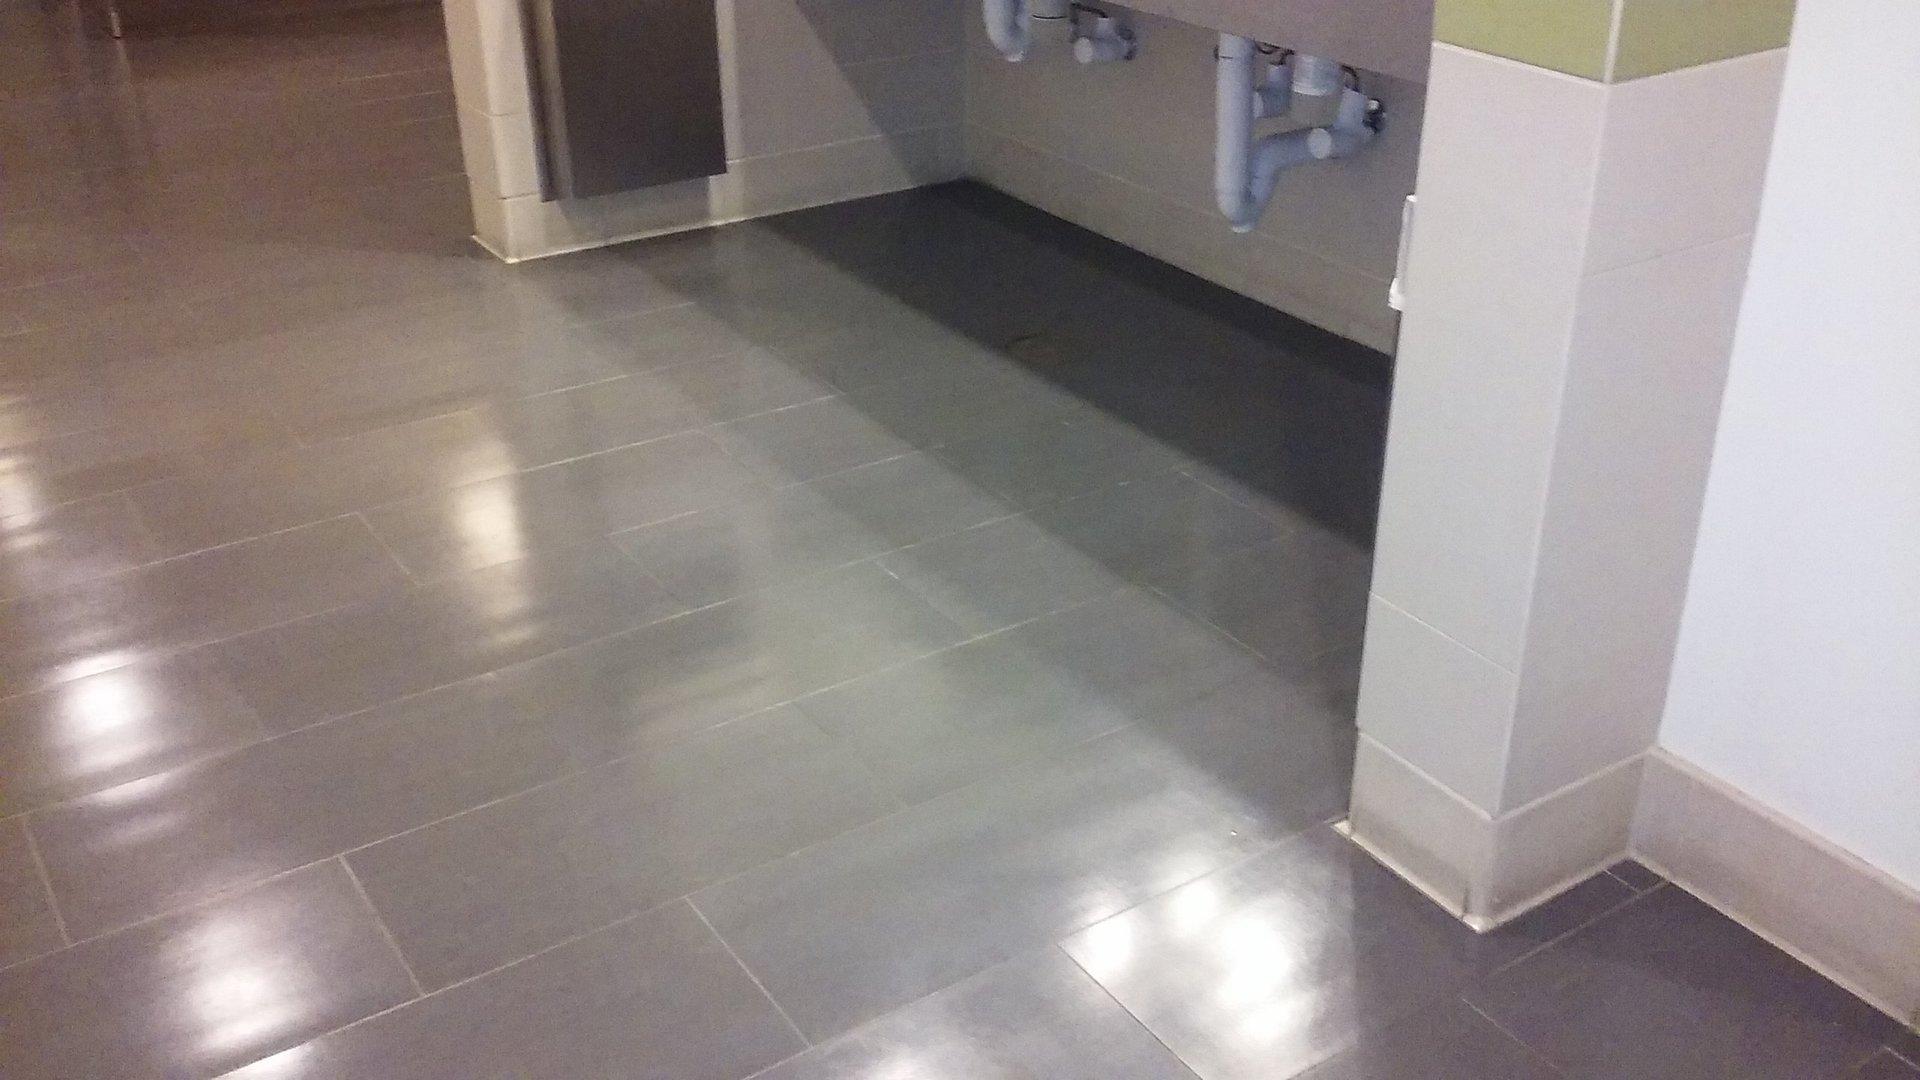 Floor cleaning work